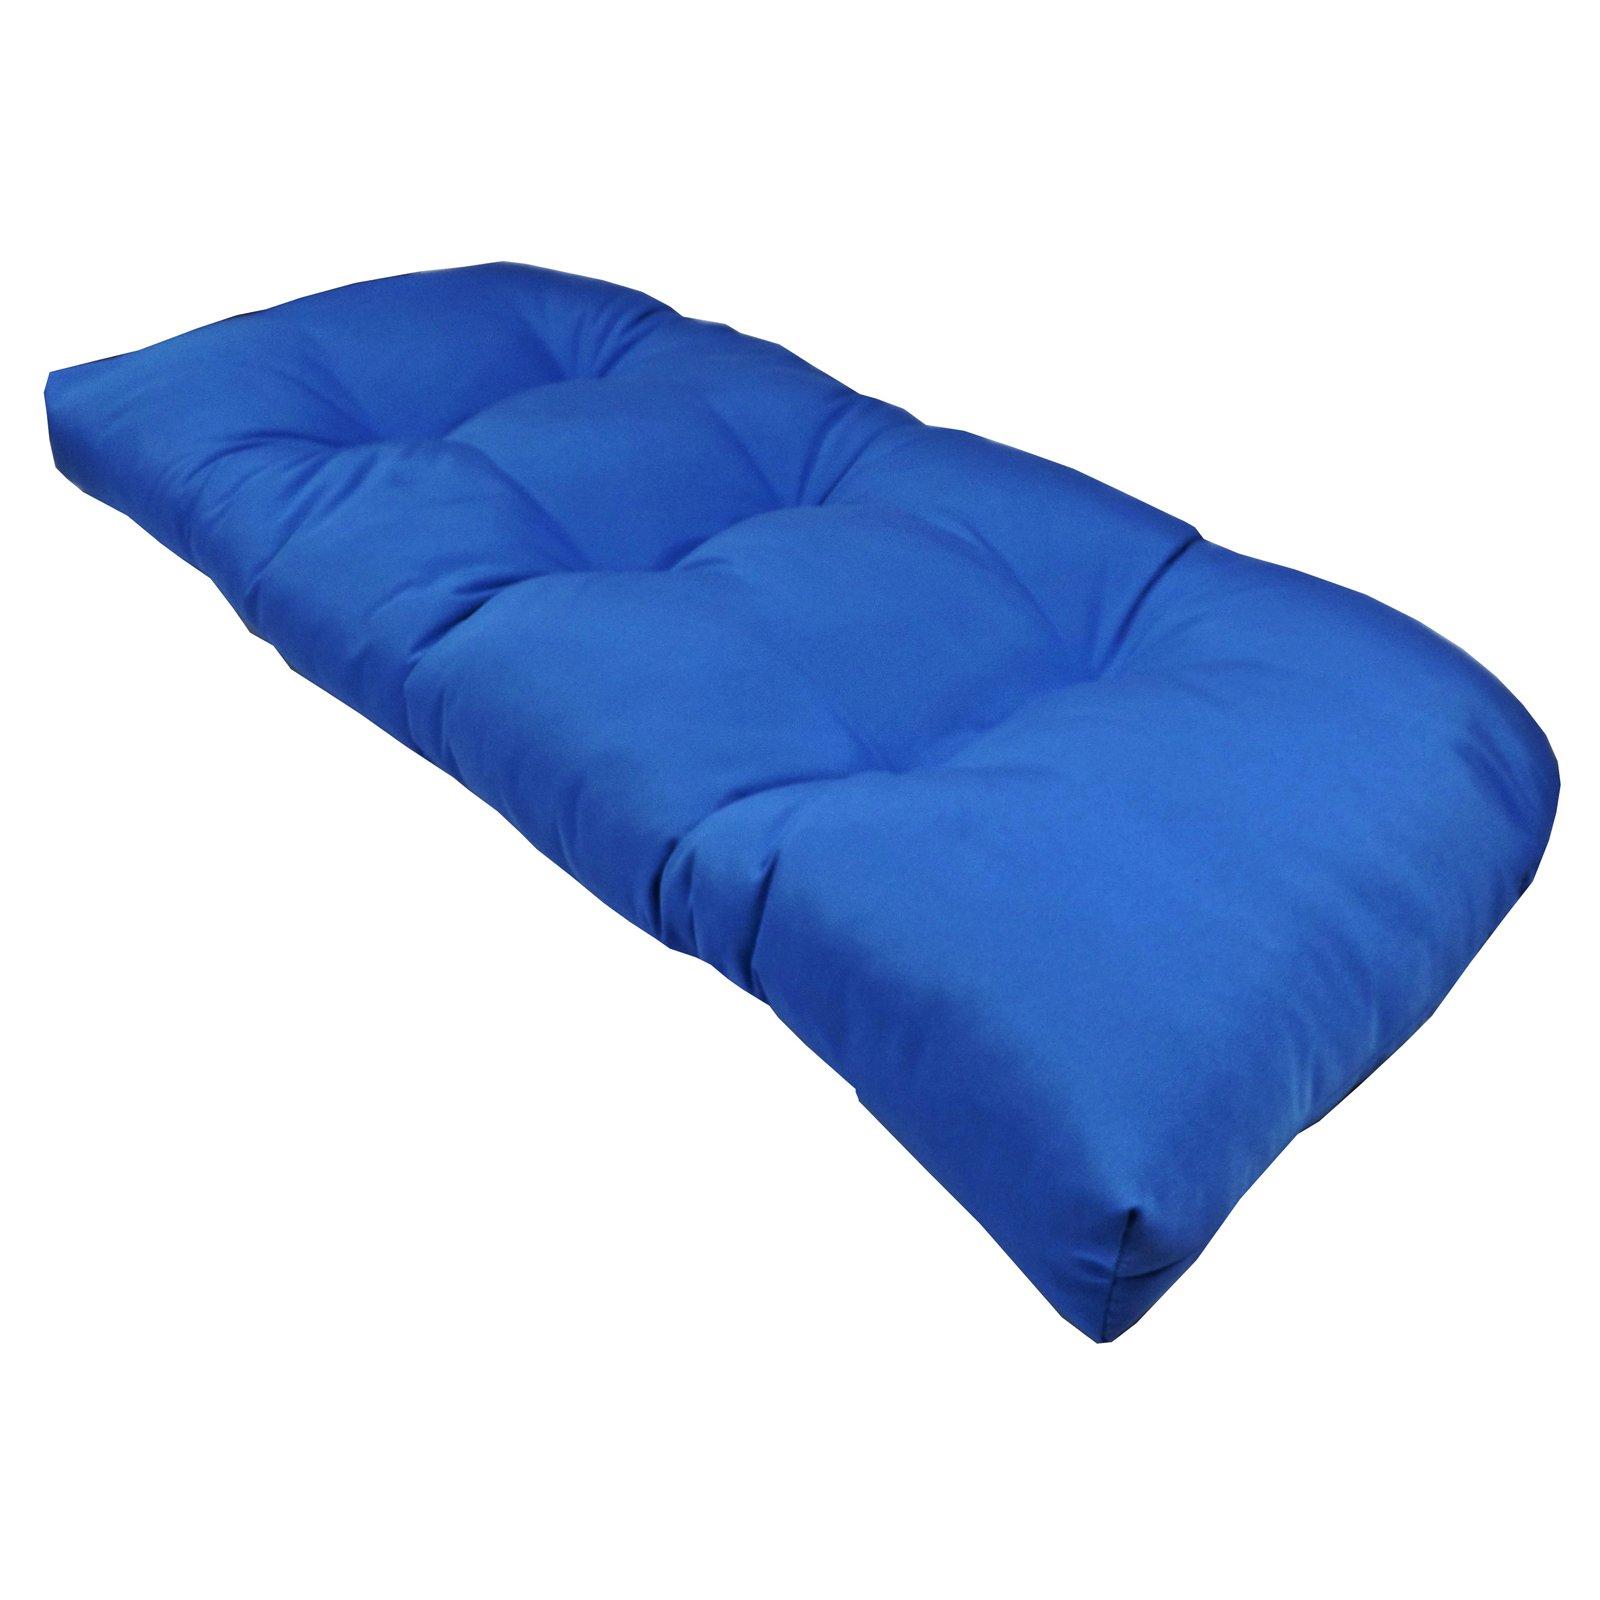 Cushion Pros Sunbrella Wicker Loveseat Cushion